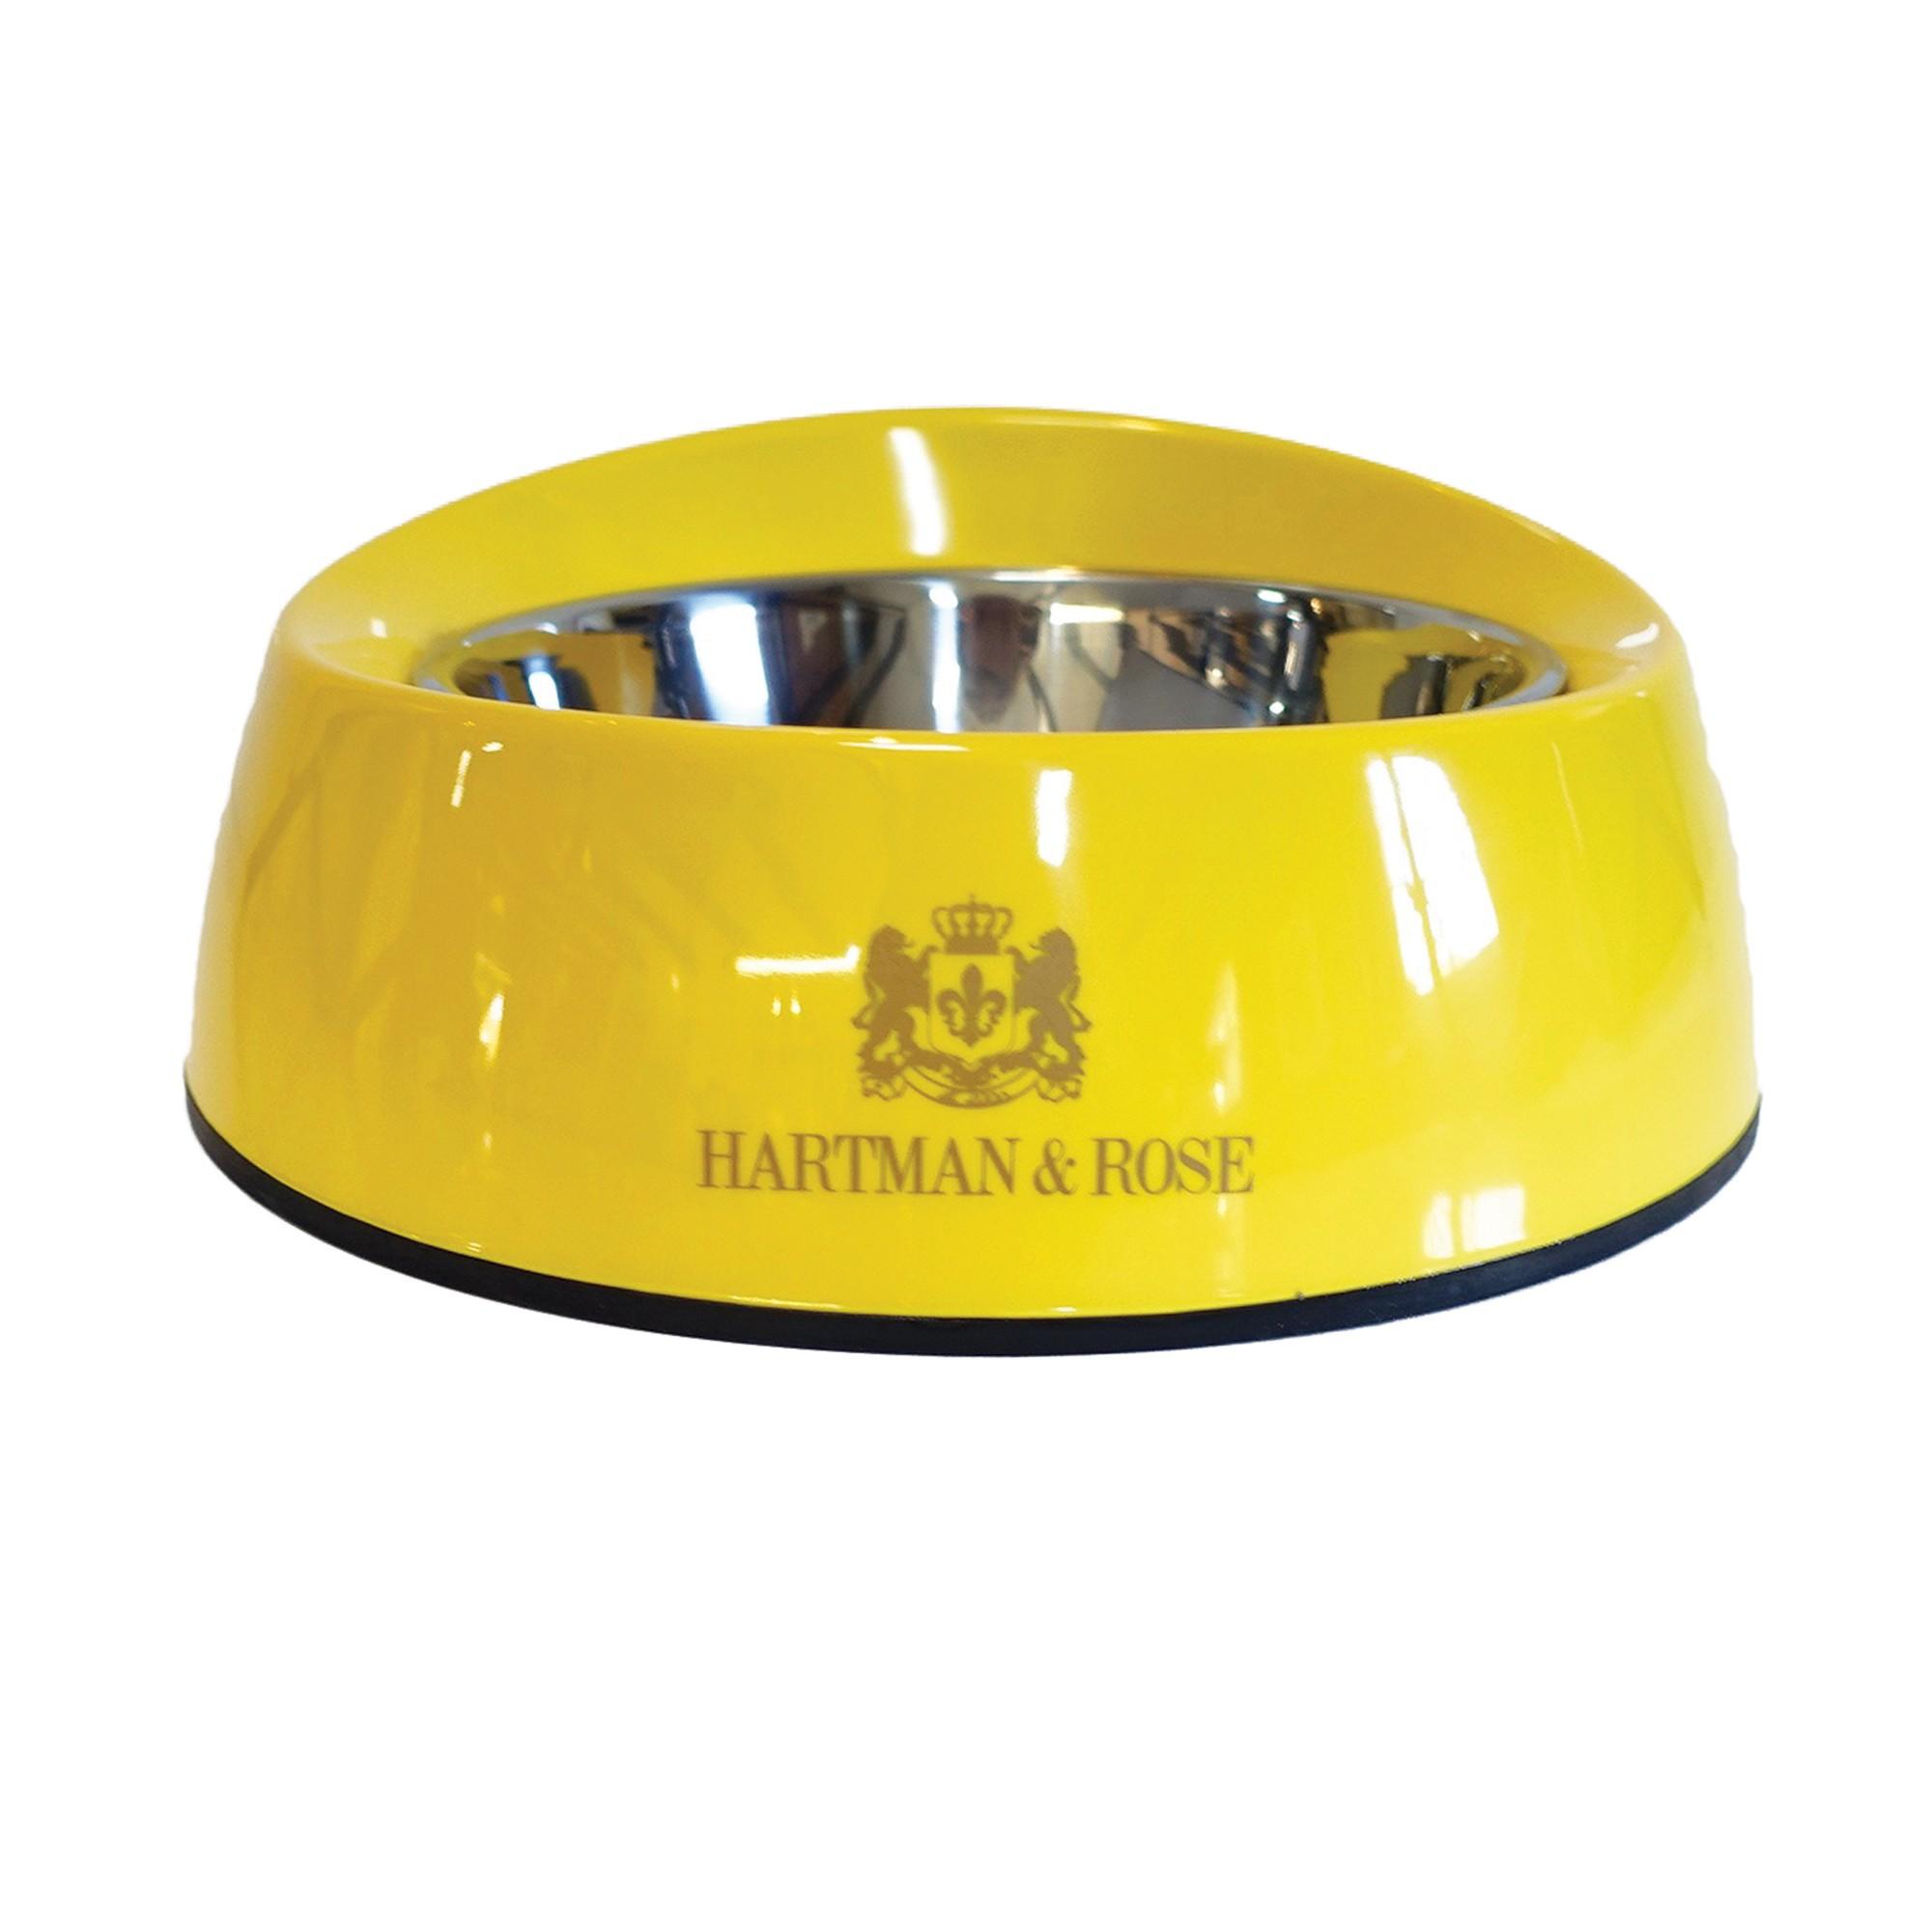 Signature Canary Yellow Melamine Dog Bowl - Dog Bowls ... - photo#34